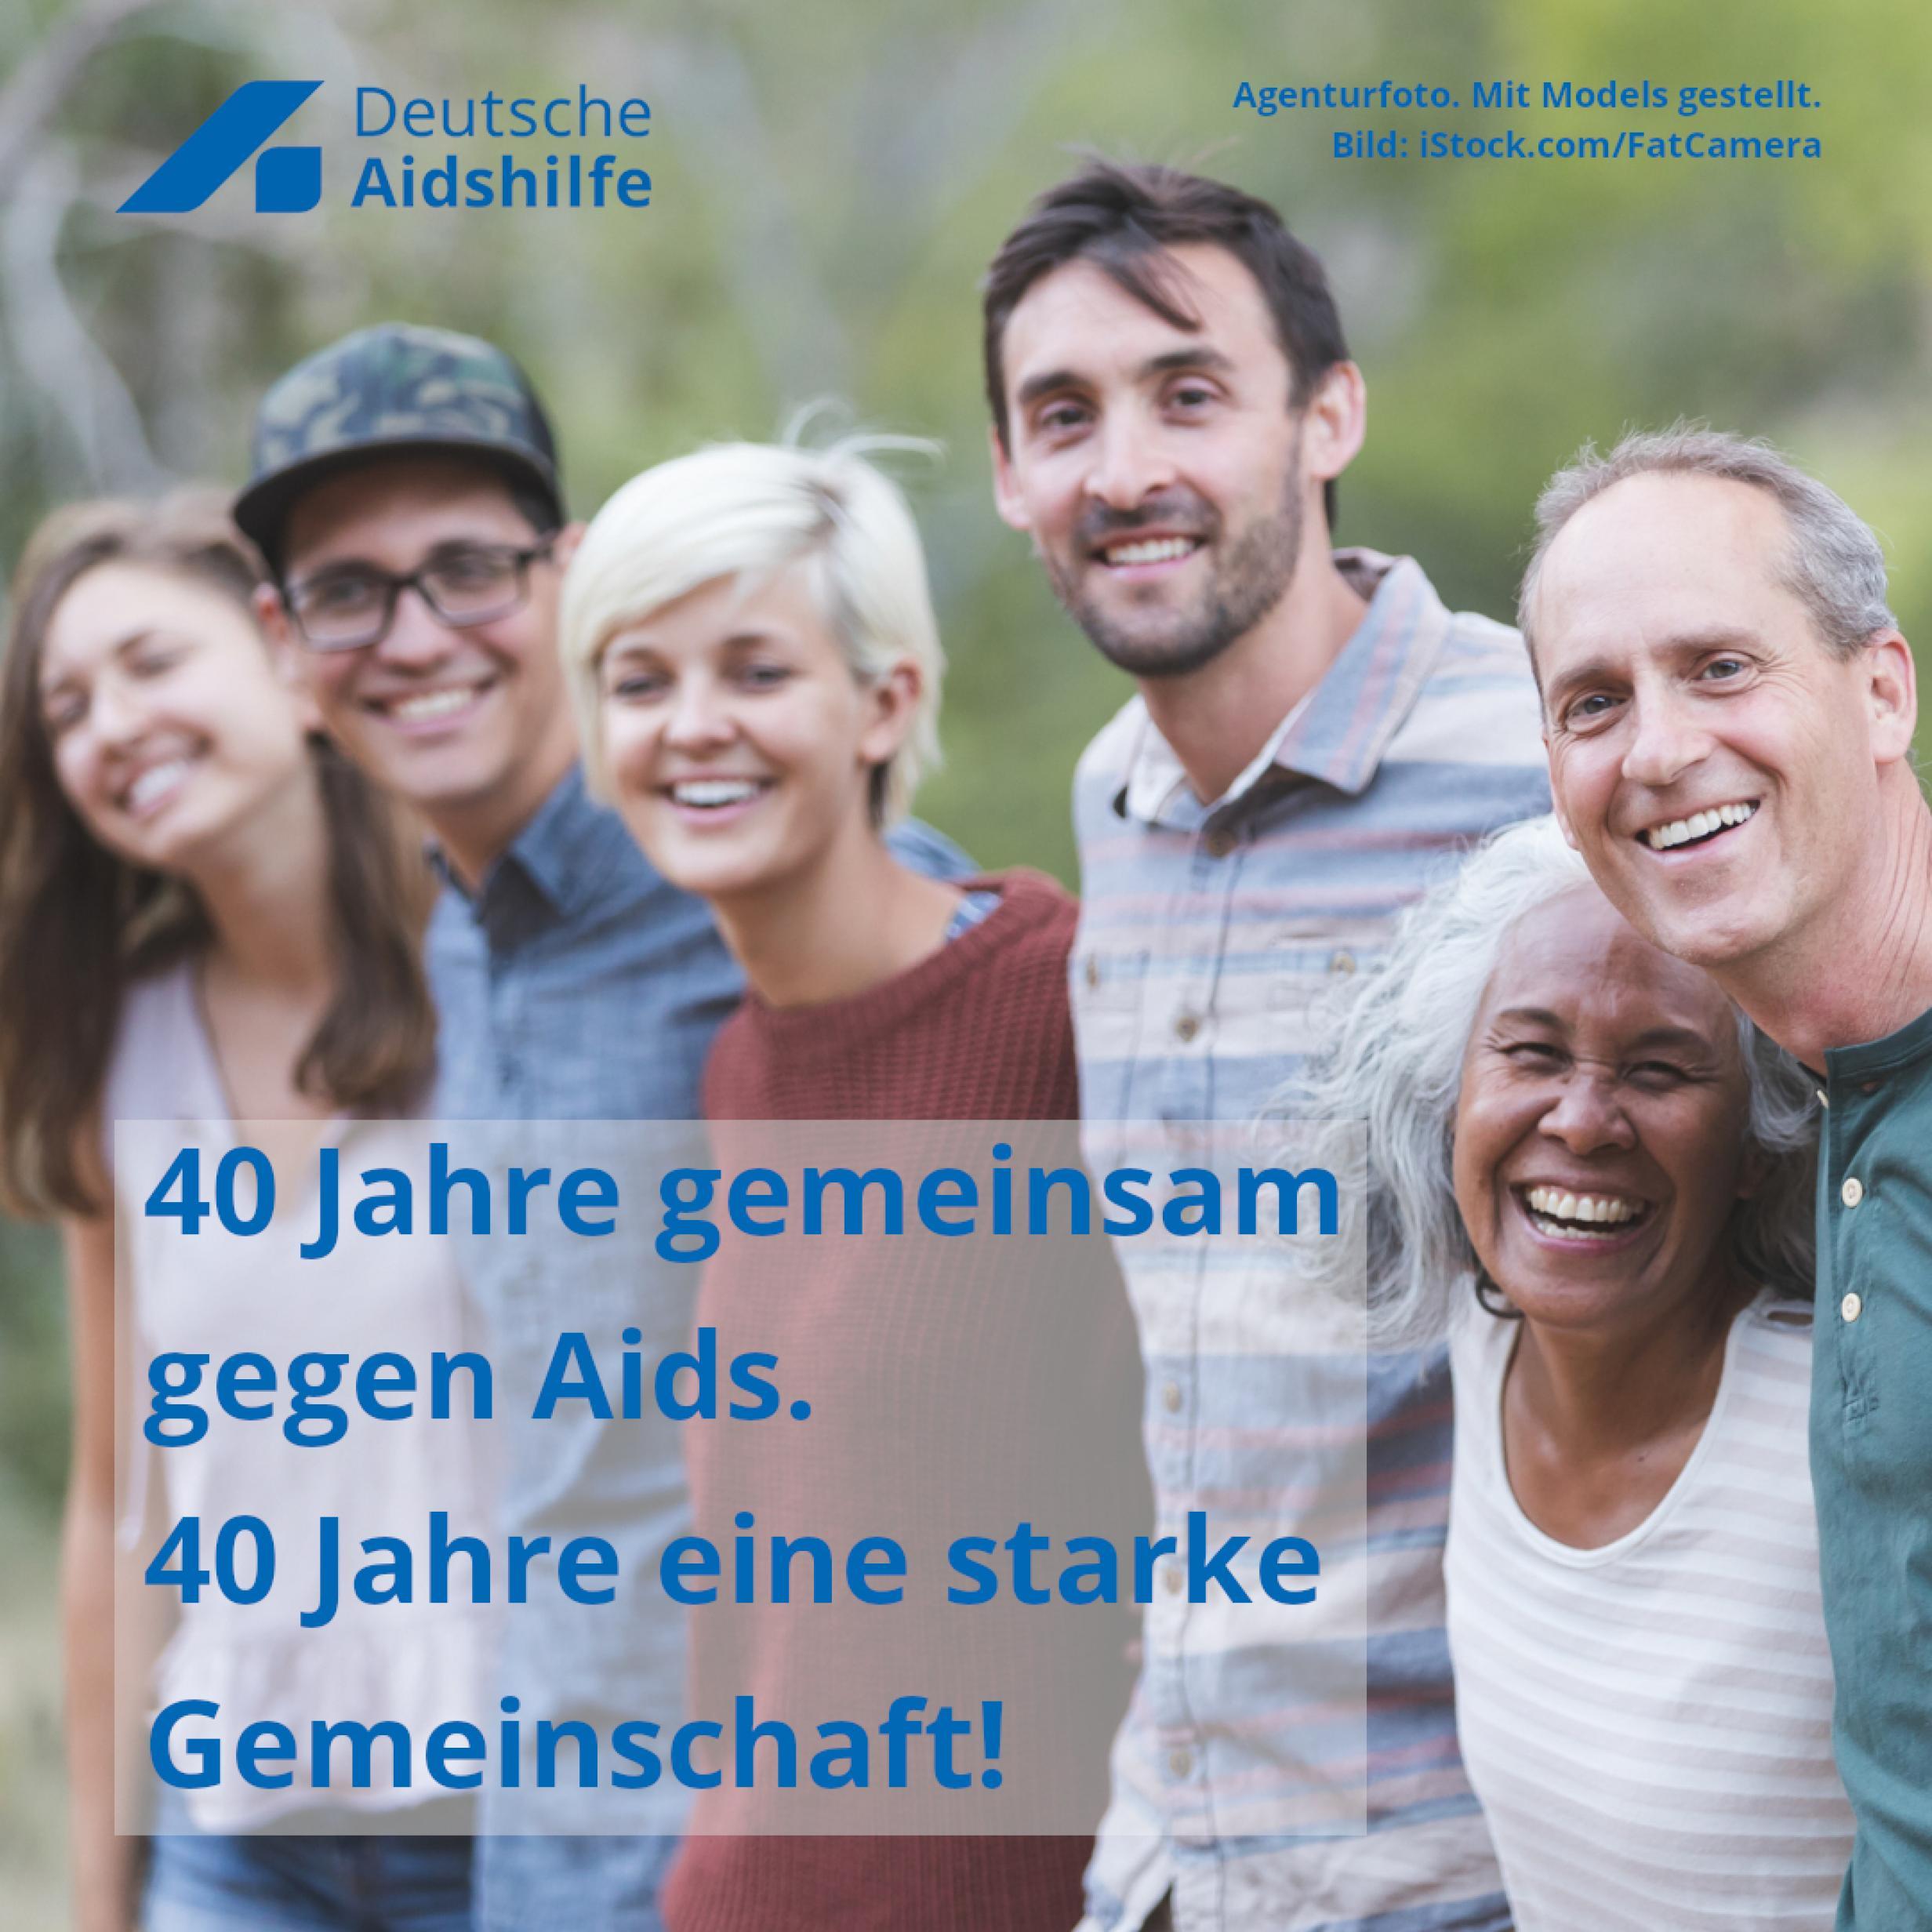 """Sechs Menschen unterschiedlichen Alters und Aussehens stehen nebeneinander und halten sich in den Armen. Davor der Text """"40 Jahre gemeinsam gegen Aids. 40 Jahre eine starke Gemeinschaft!"""""""